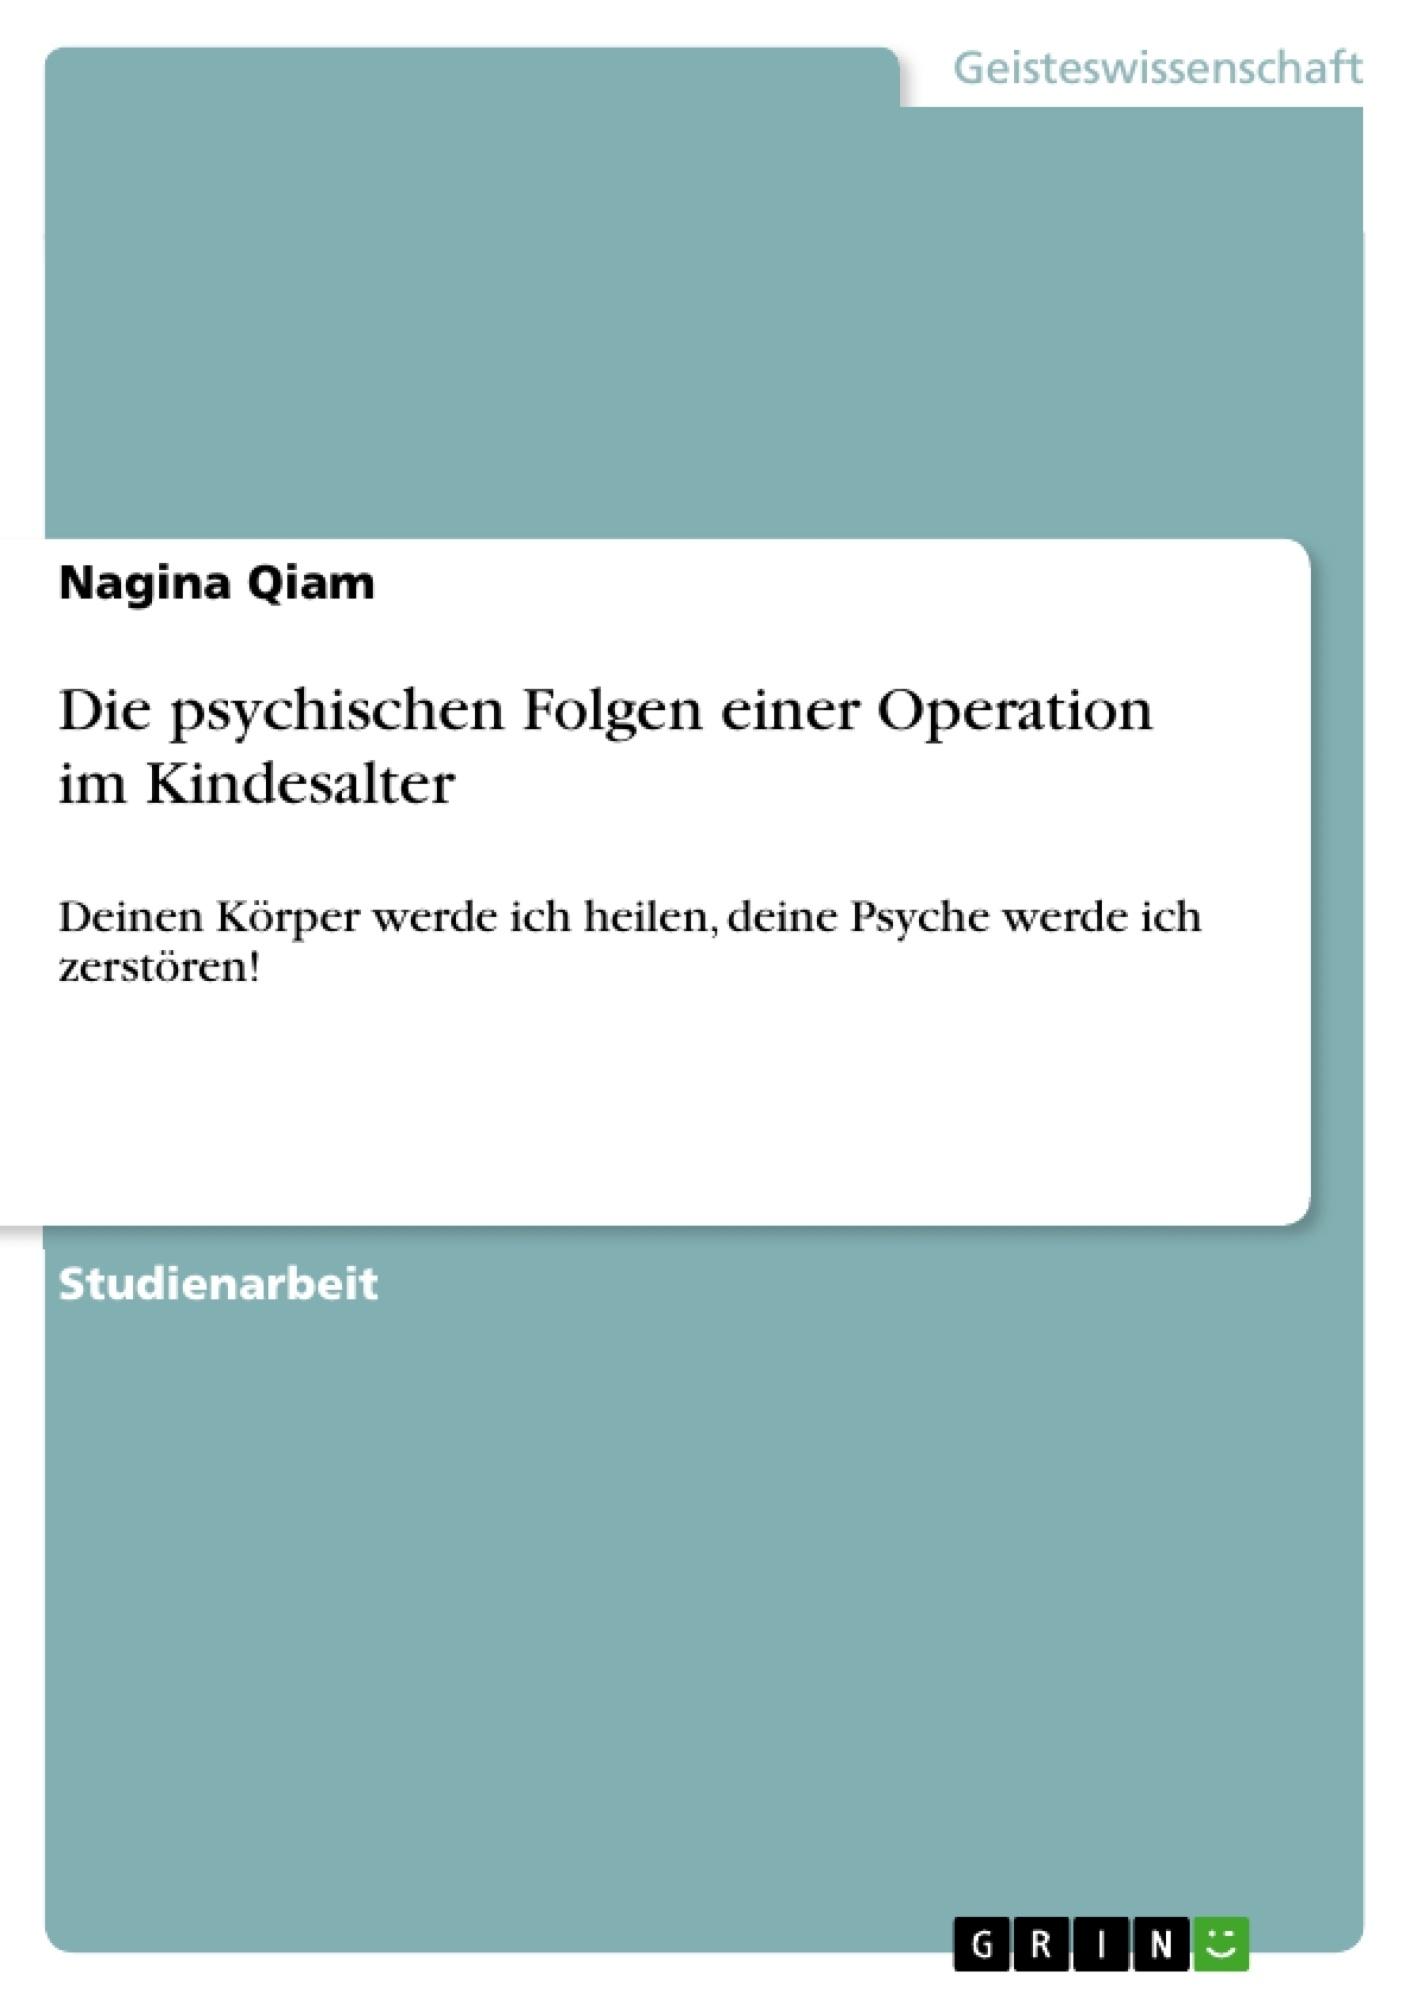 Titel: Die psychischen Folgen einer Operation im Kindesalter